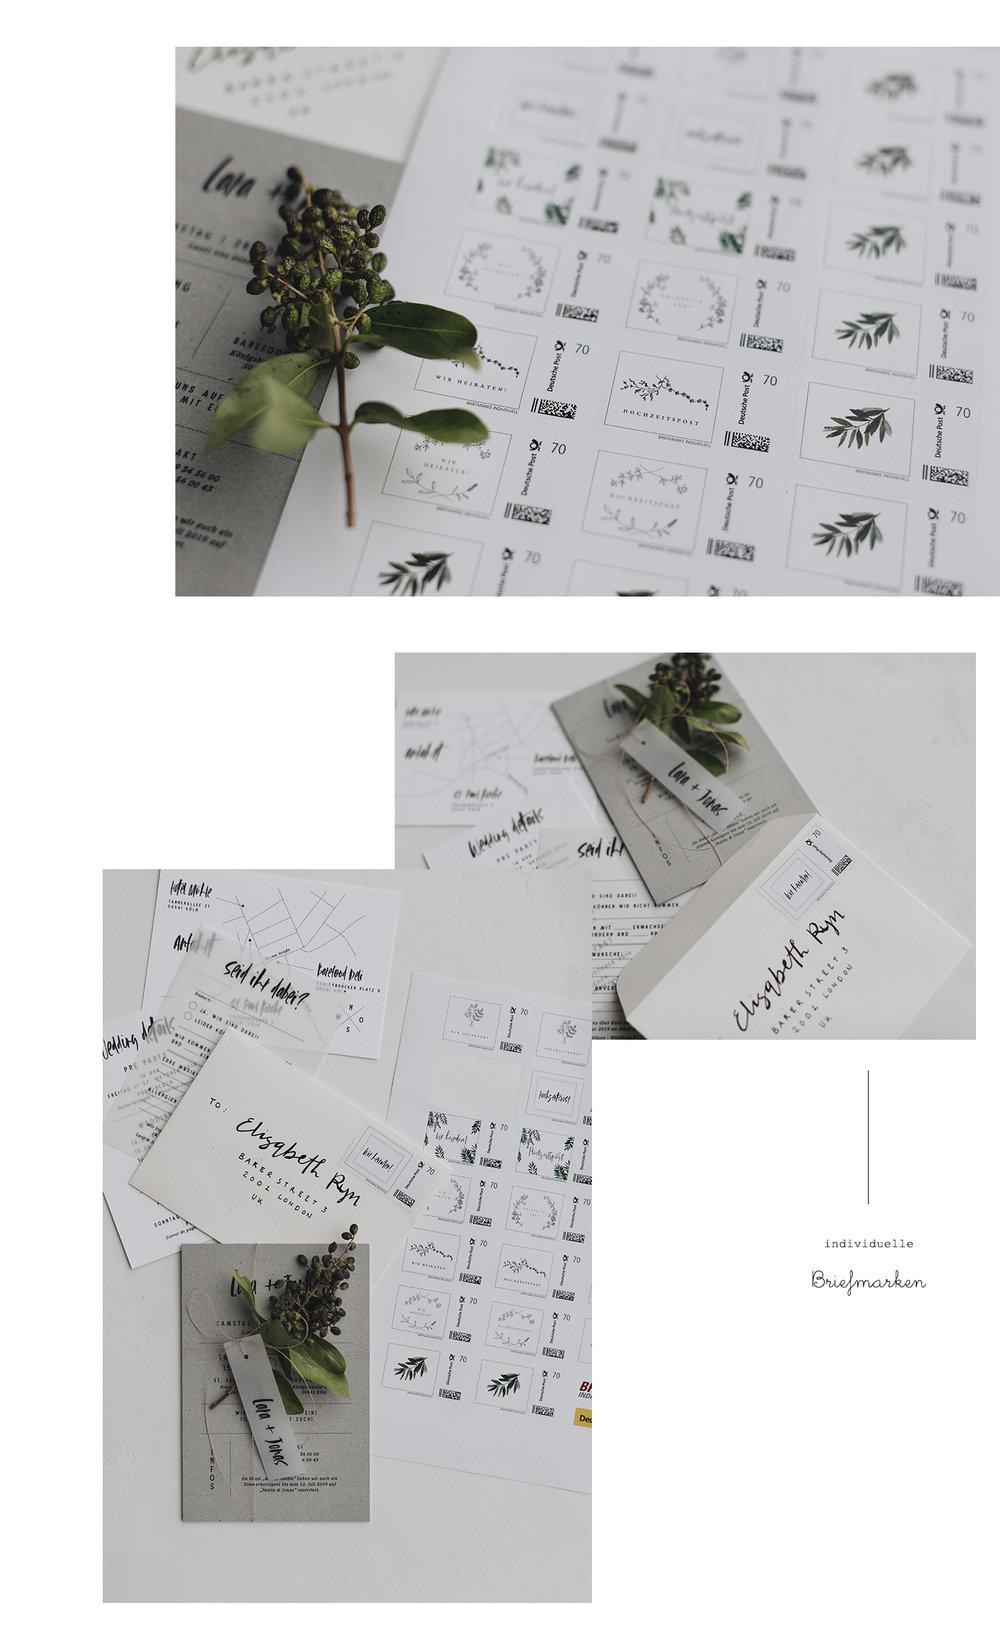 Individuelle_Briefmarken_Hochzeitseinladung_Deutsche-Post_Traumanufaktur_1.jpg